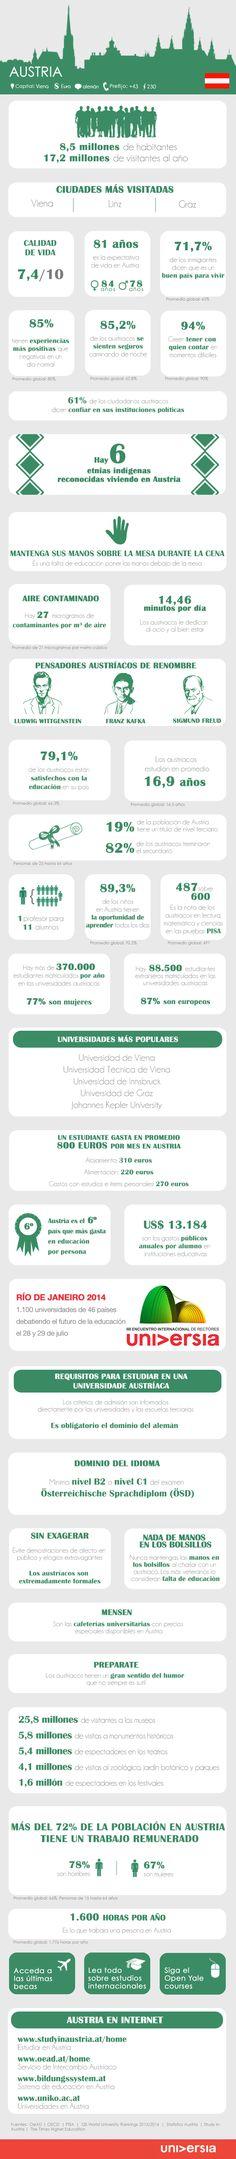 Infografía: toma nota de más de 30 datos útiles para estudiar y trabajar en Austria vía: noticias.universia.es